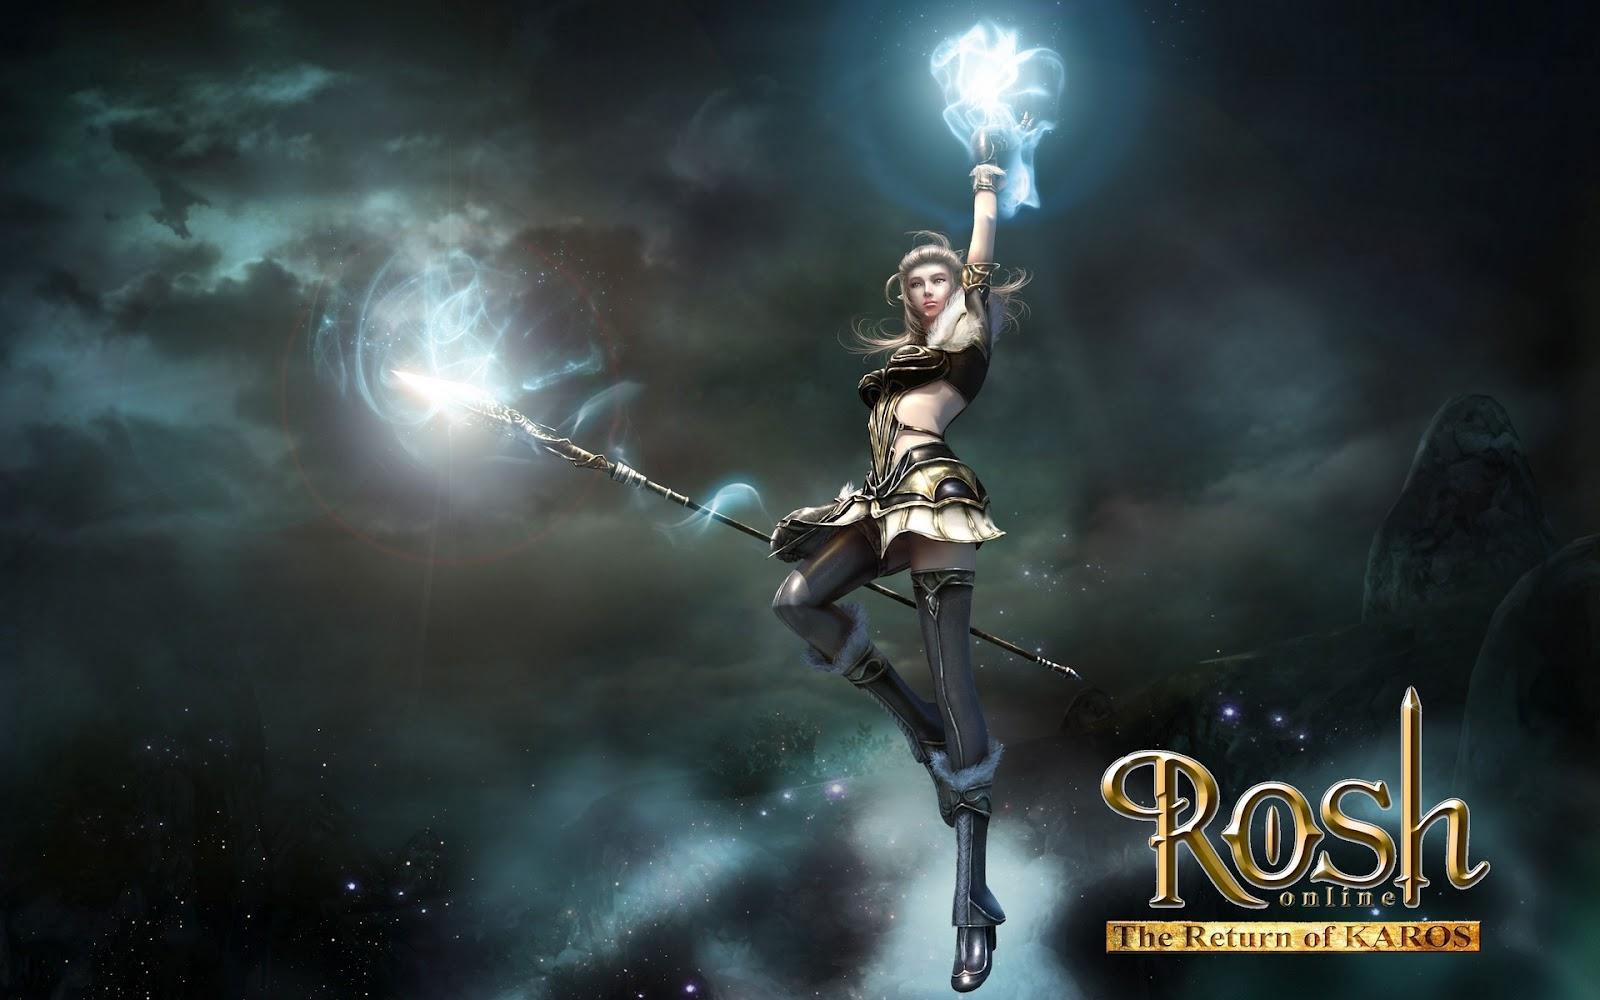 http://3.bp.blogspot.com/-_FotsPgqIkA/T6U62hM3PlI/AAAAAAAALis/31AeT0CKnV8/s1600/Rosh_Game_Wallpaper_1920z1200.jpg